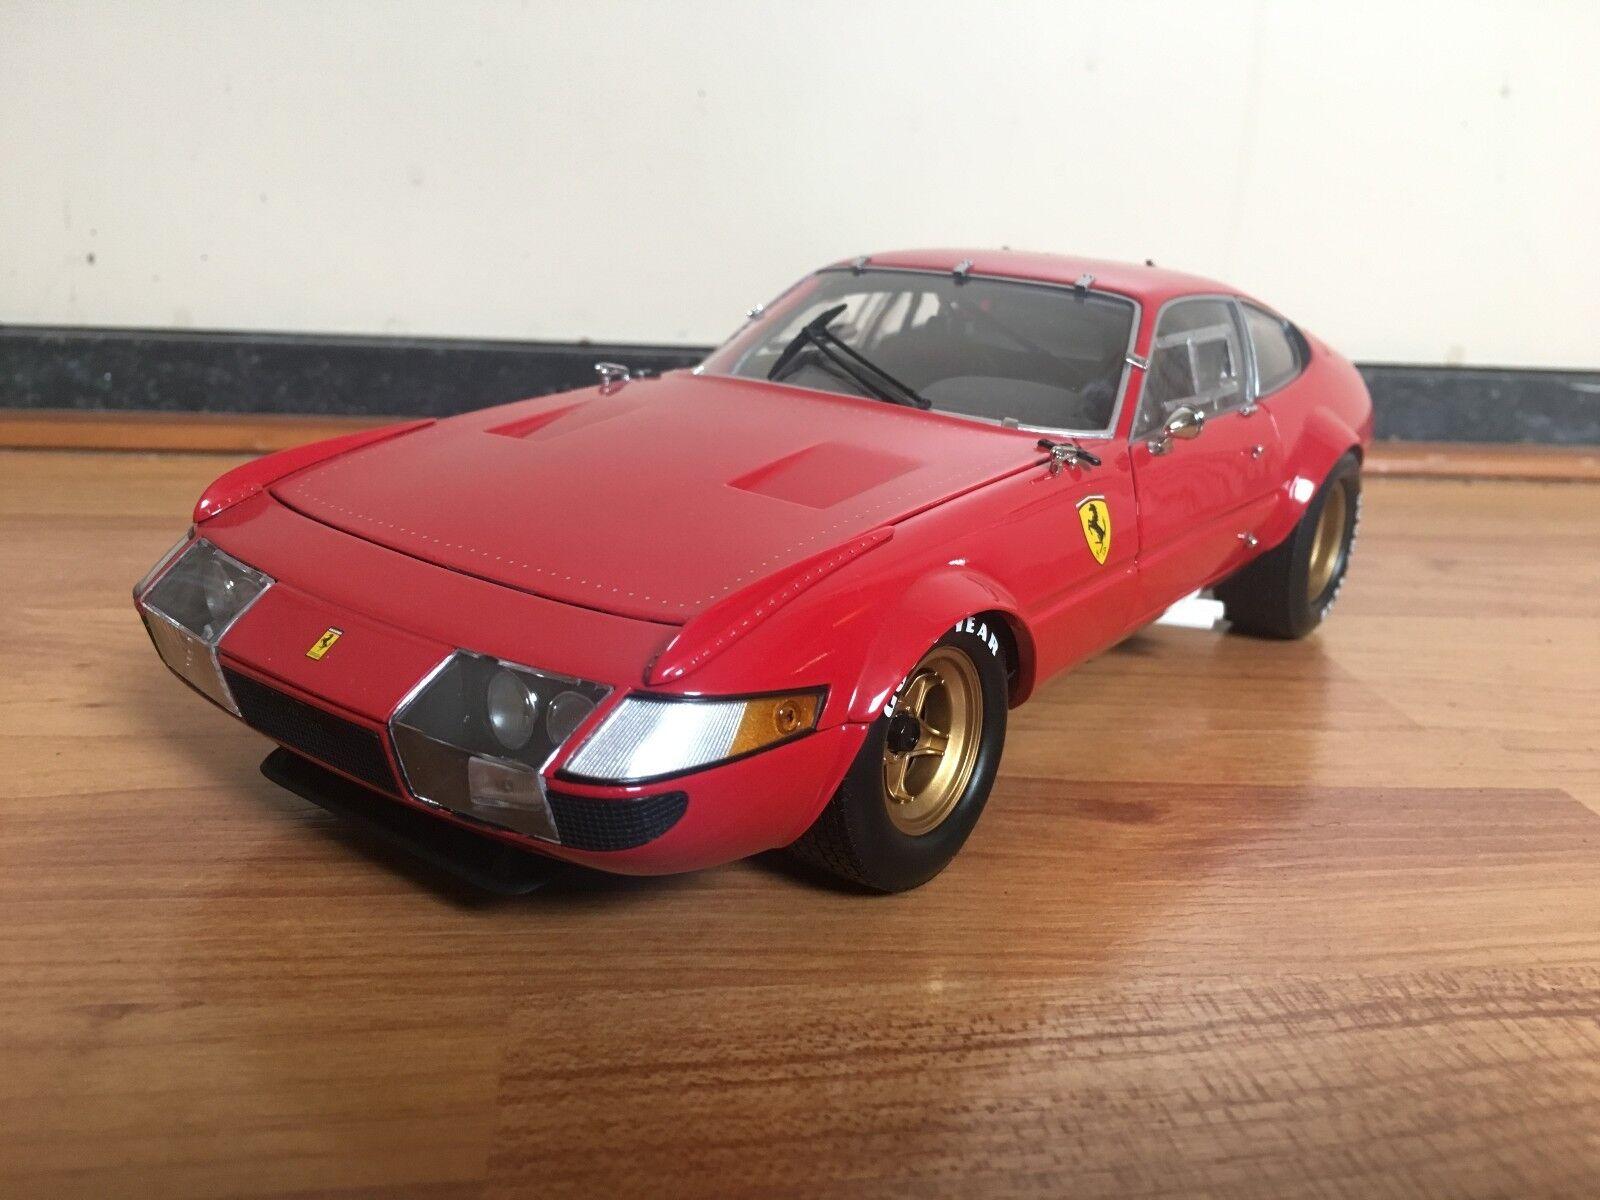 1 18 Kyosho Ferrari 365 GTB GTB GTB 4 Competizione plain body red 08163R NO BOX 25eccf